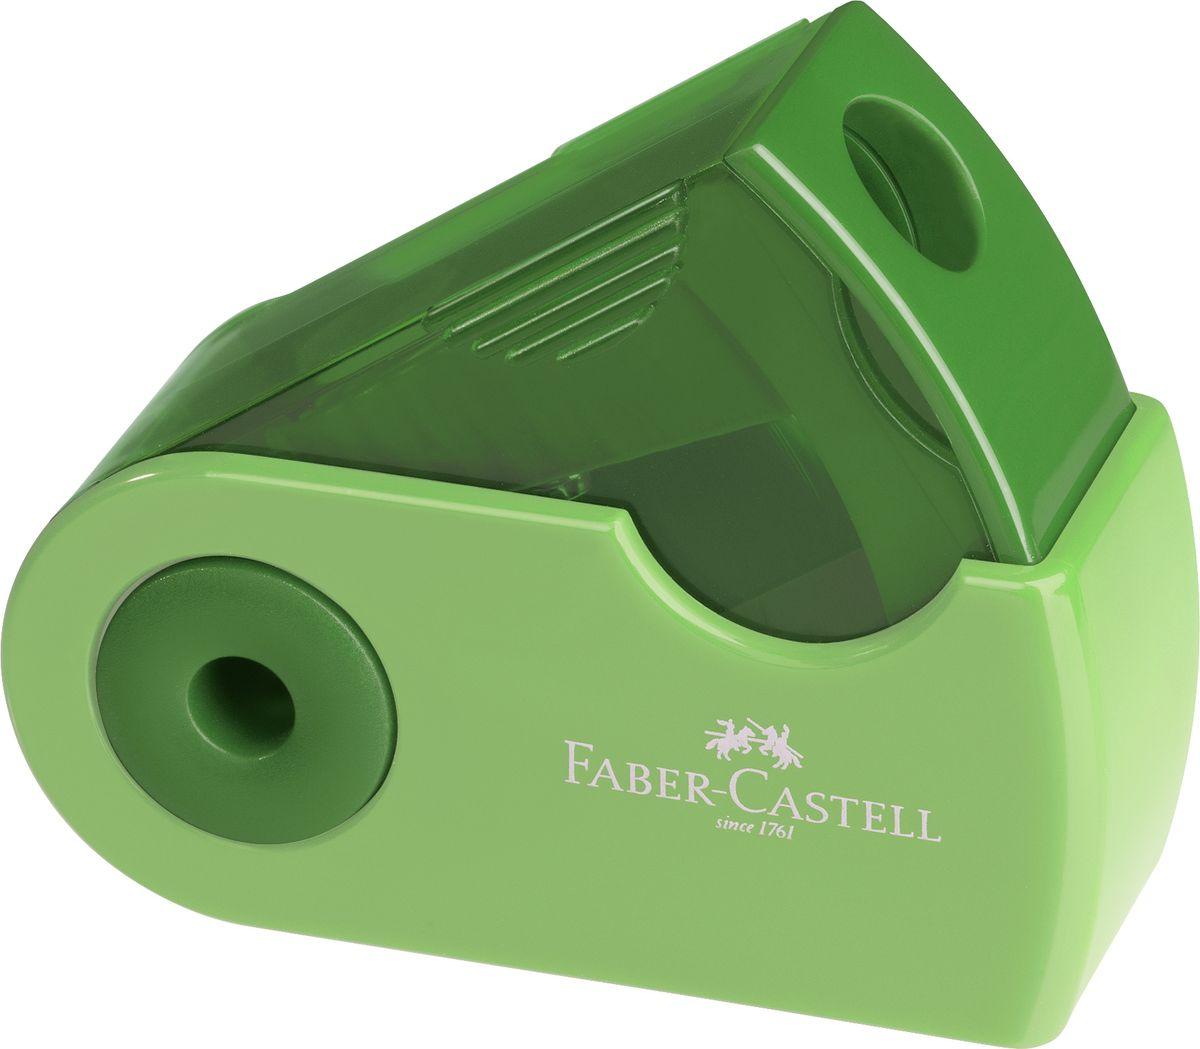 Faber-Castell Точилка Sleeve цвет зеленый182712Точилка Faber-Castell Sleeve выполнена из прочного пластика. В точилке имеются одной отверстие для различных видов карандашей. Эргономичная форма контейнера обеспечивает стабильное положение кисти. Карандаш затачивается легко и аккуратно, а опилки после заточки остаются в специальном контейнере повышенной вместимости.